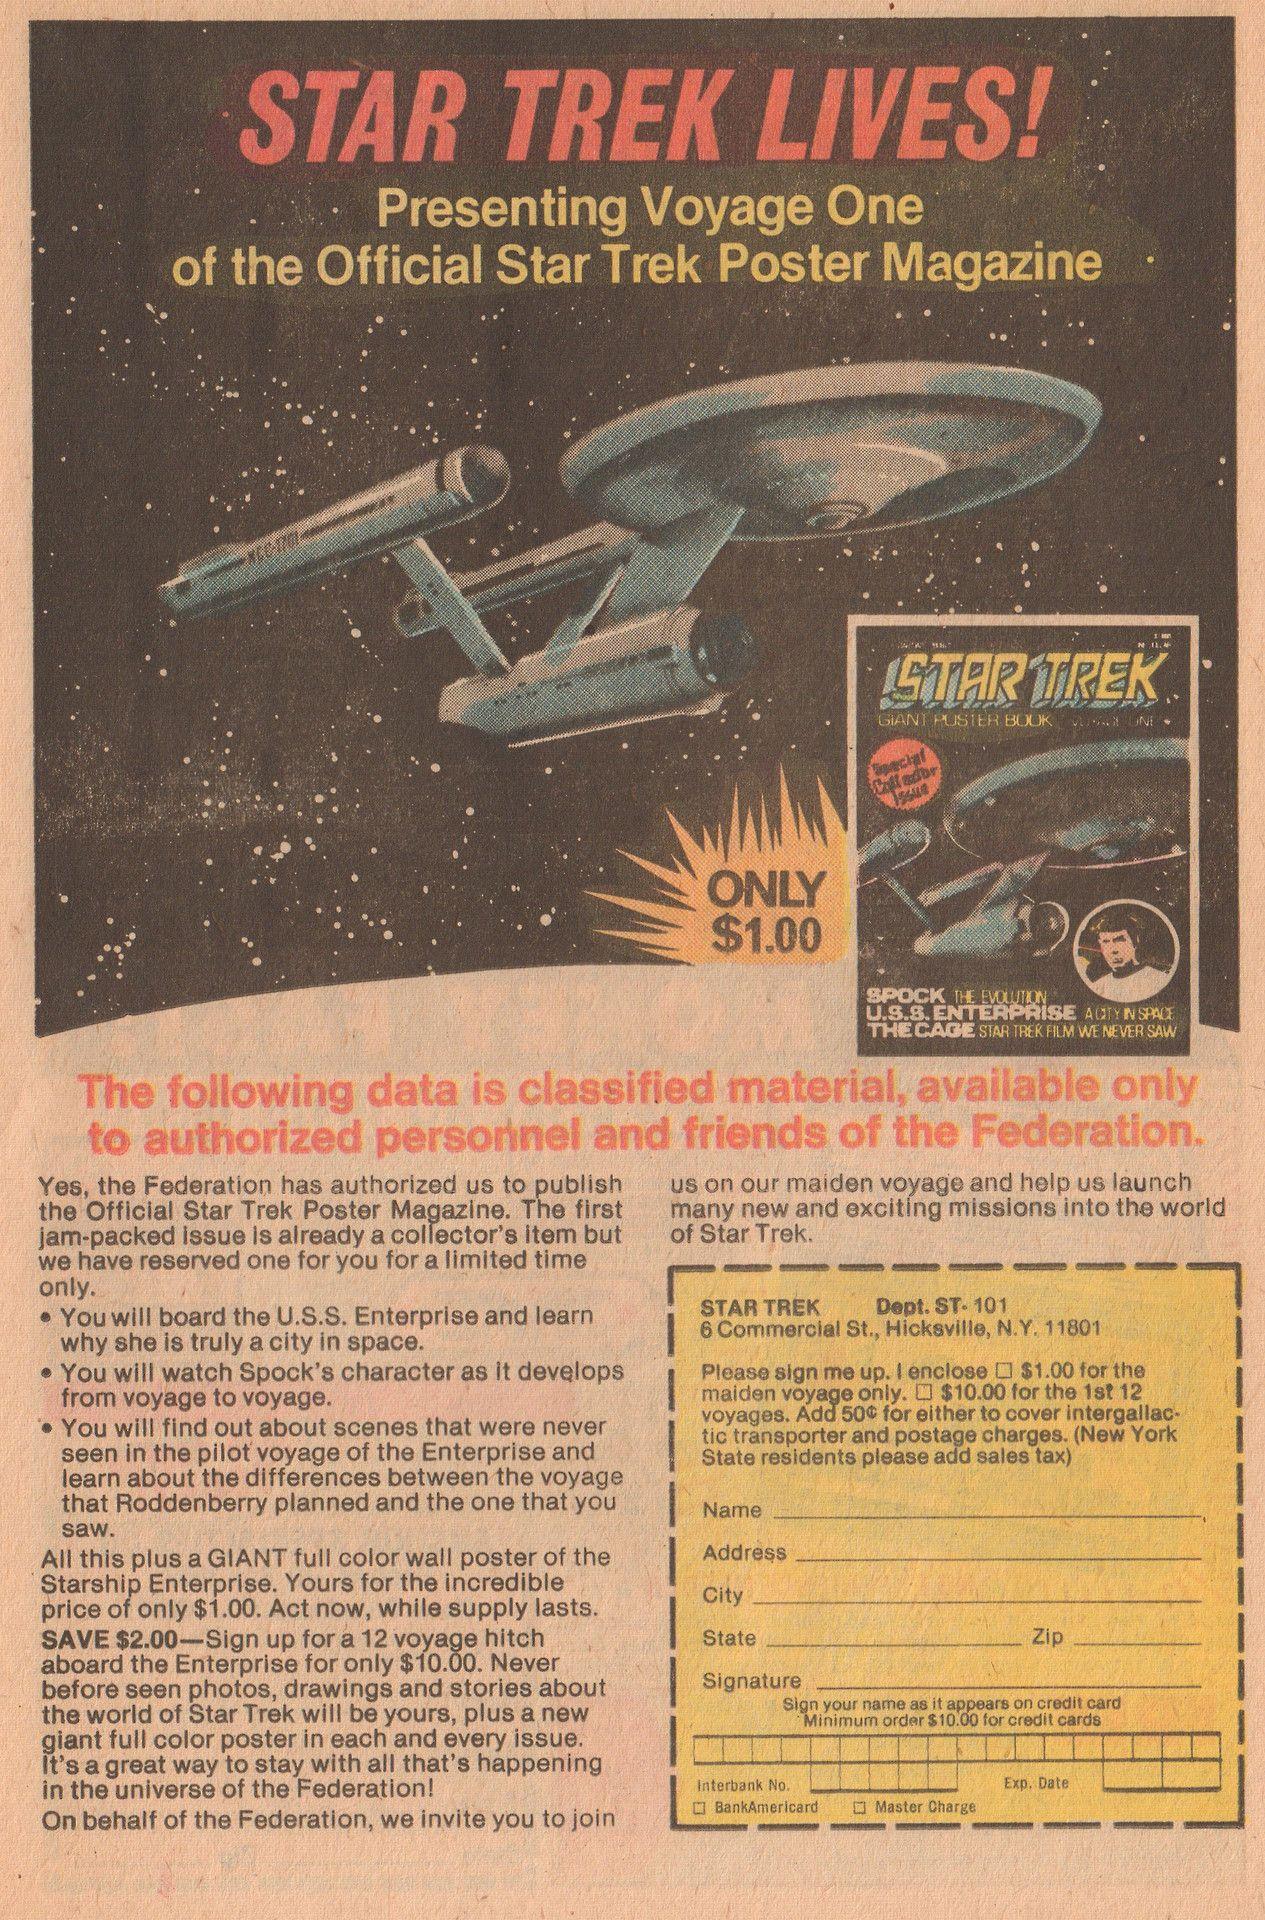 Buttered Pop Culture Pop Culture Star Trek Poster